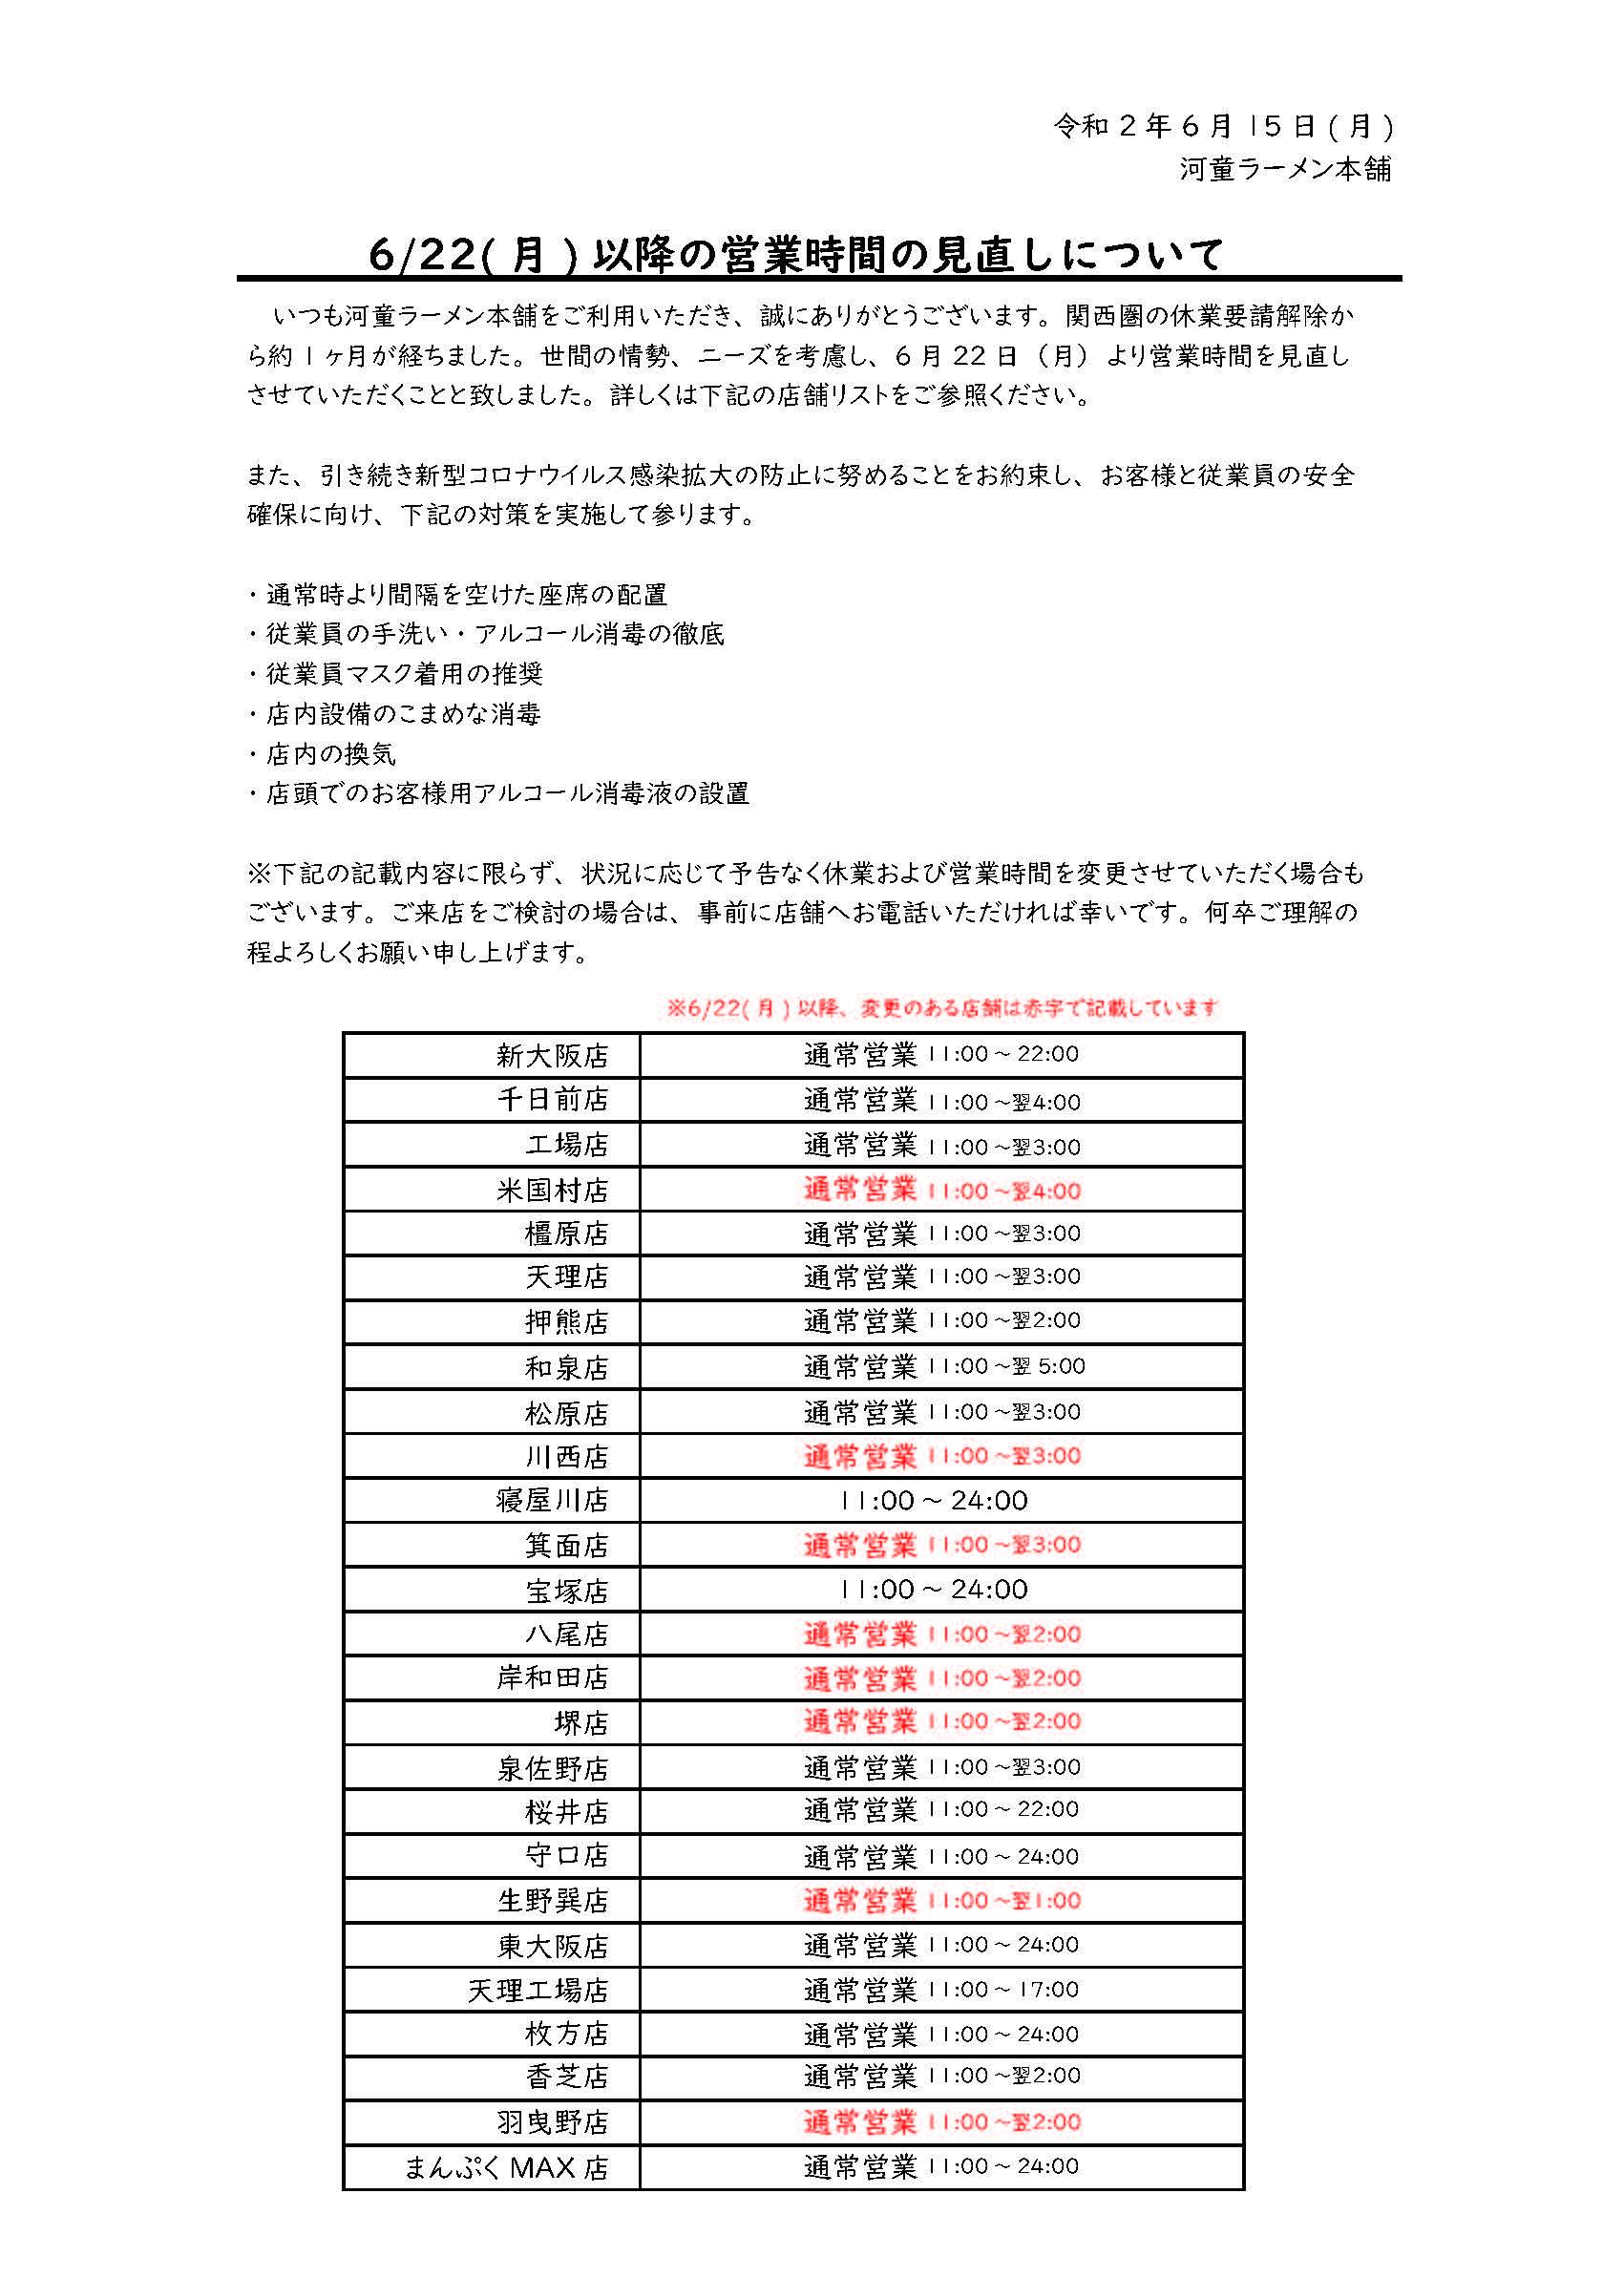 6/22(月)営業時間見直しのおしらせの画像